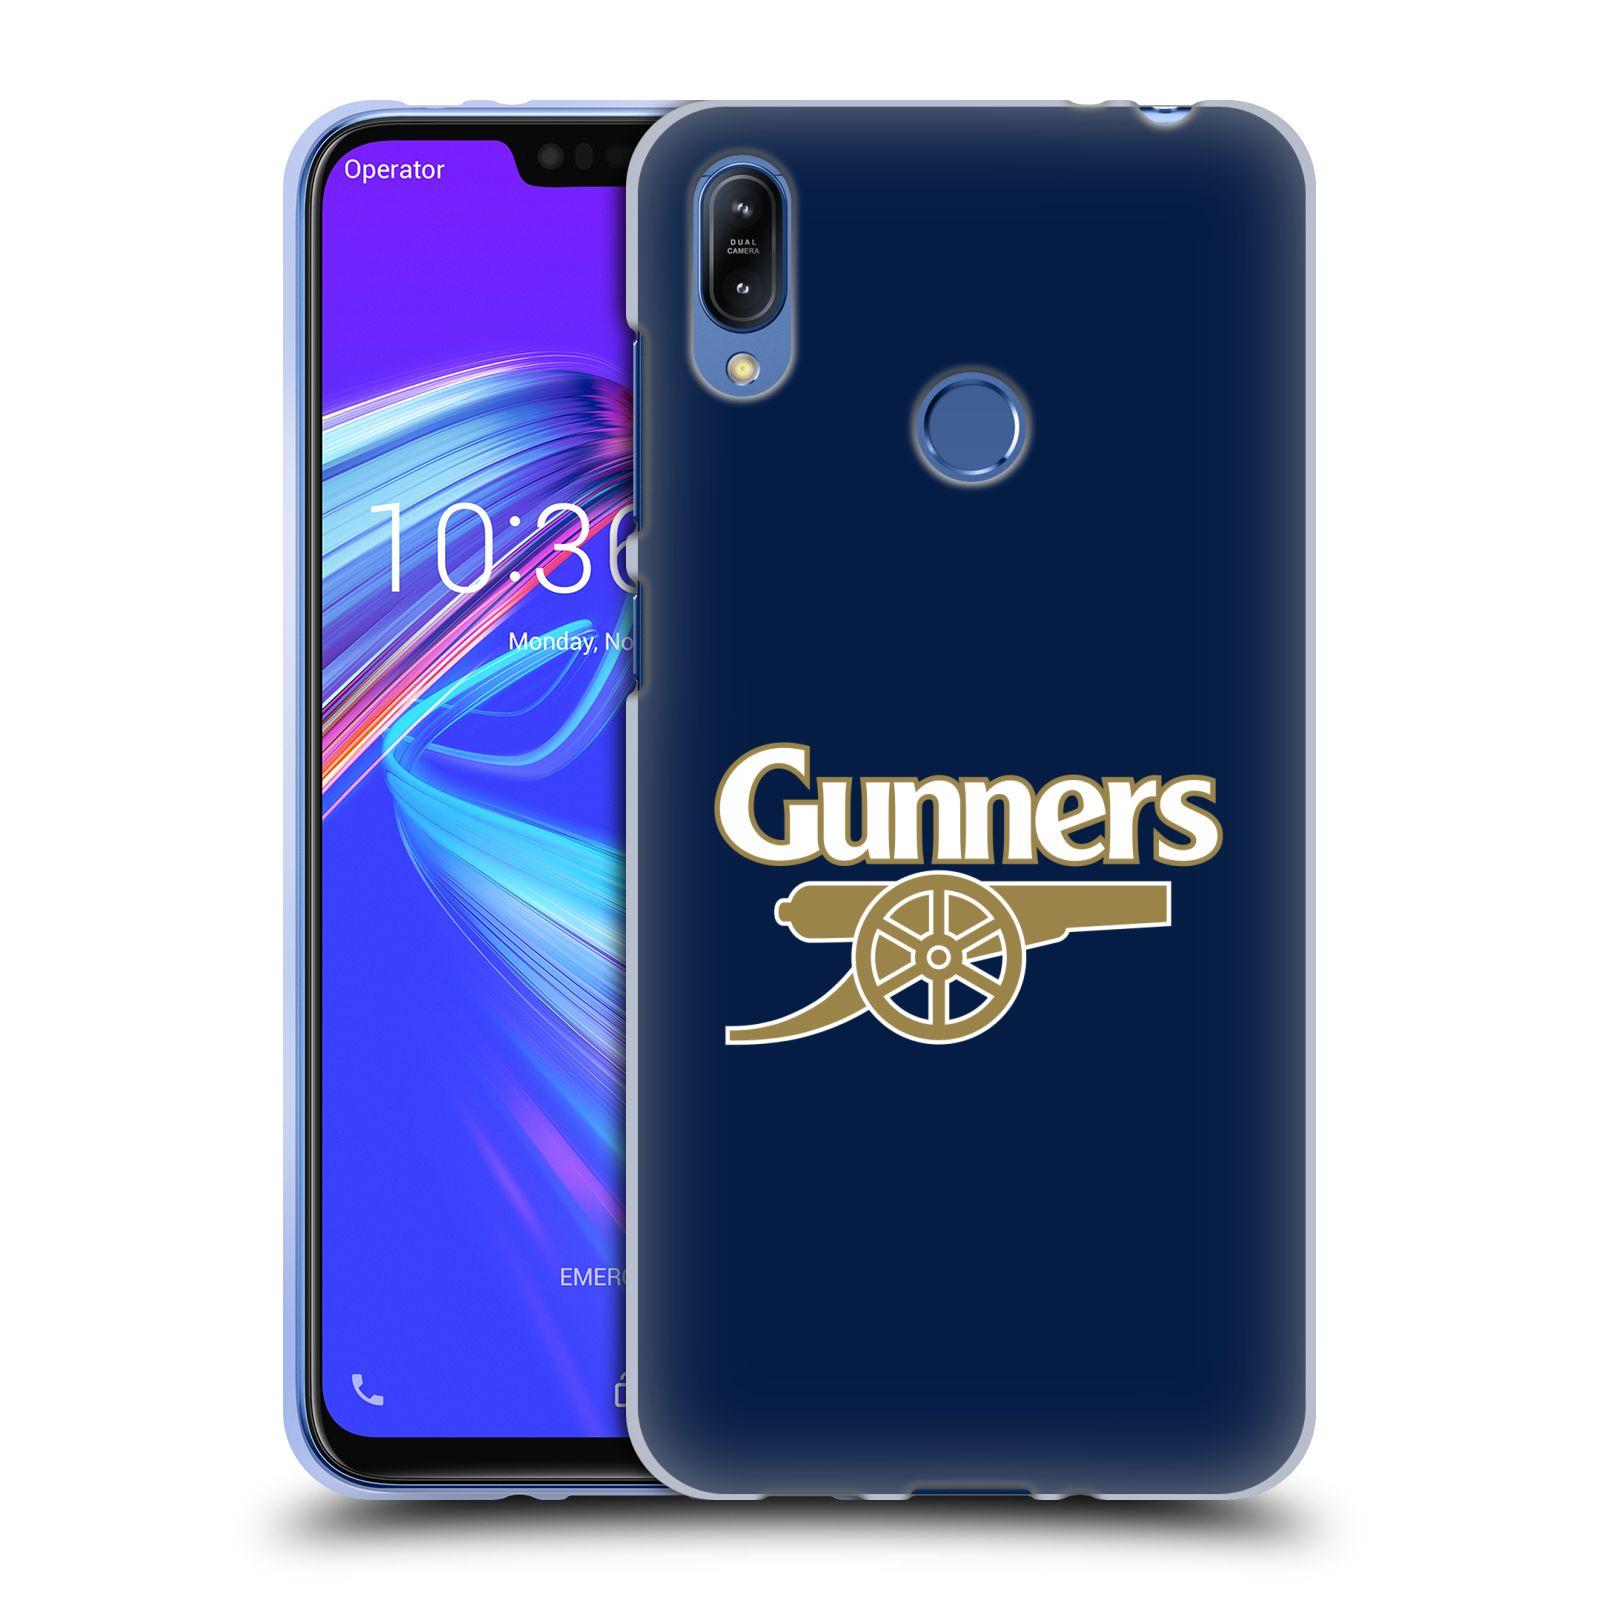 Silikonové pouzdro na mobil Asus Zenfone Max (M2) ZB633KL - Head Case - Arsenal FC - Gunners